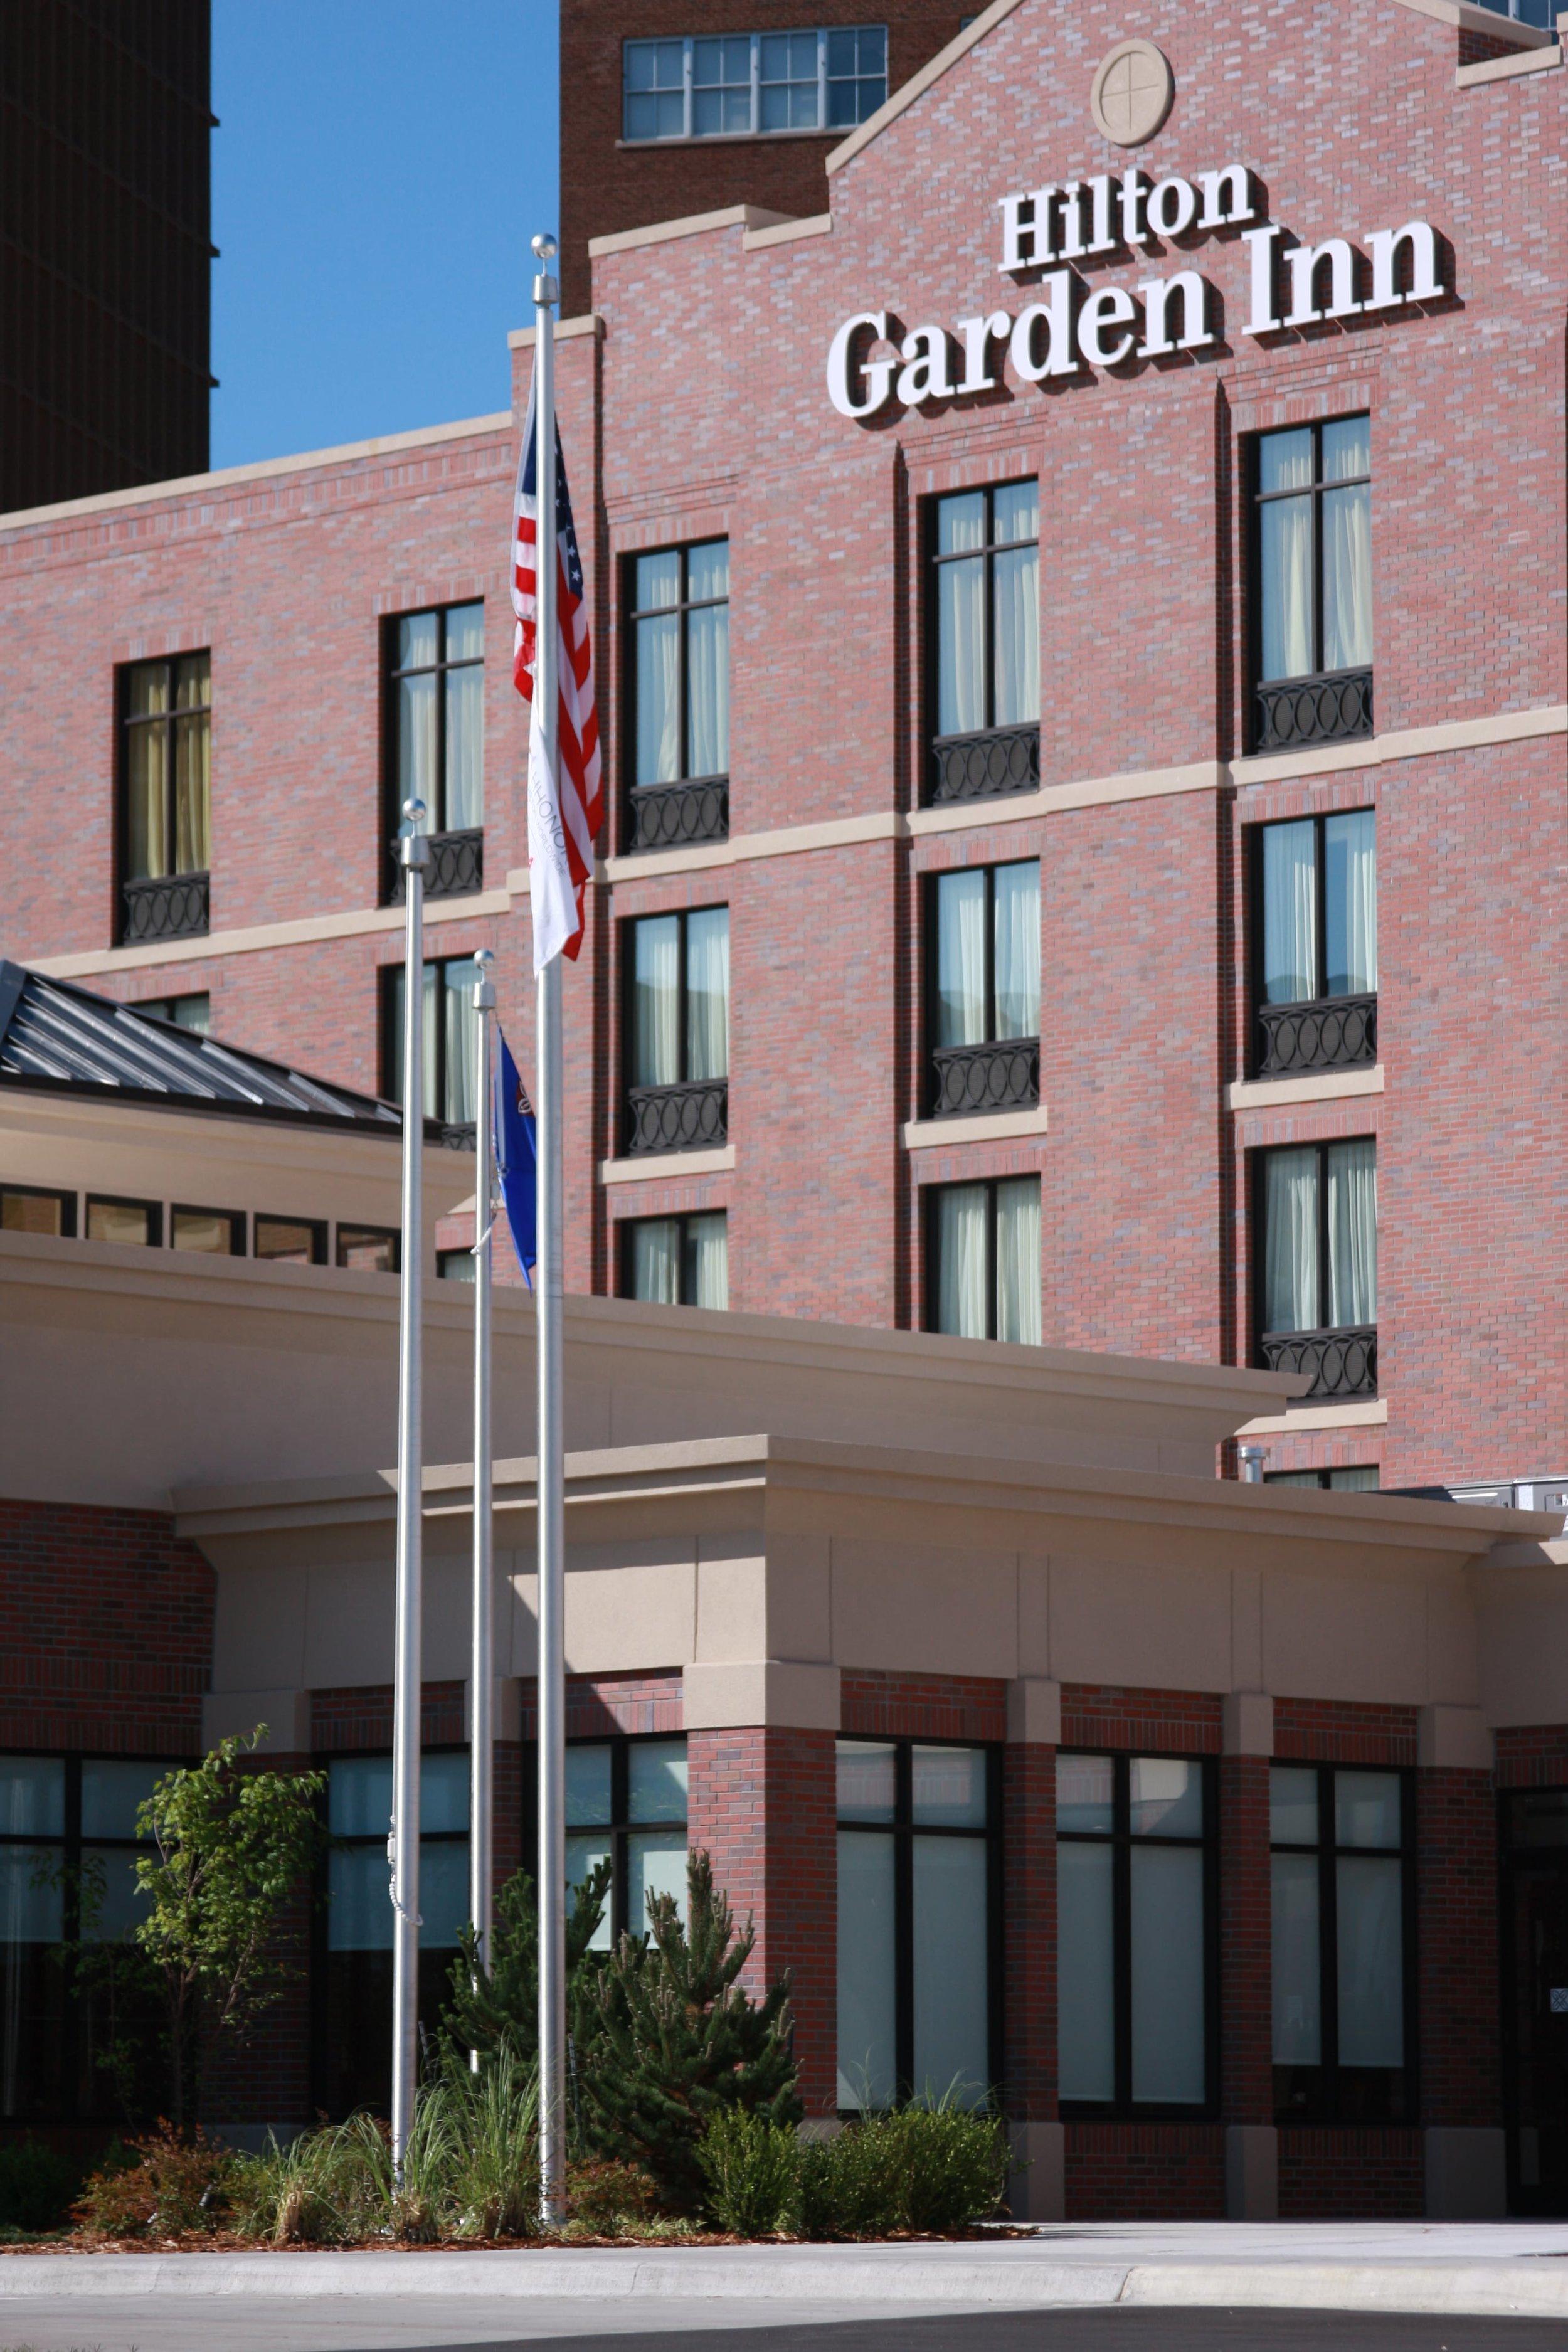 AA - HiltonGardenInnBartlesville -  (10)-min.JPG